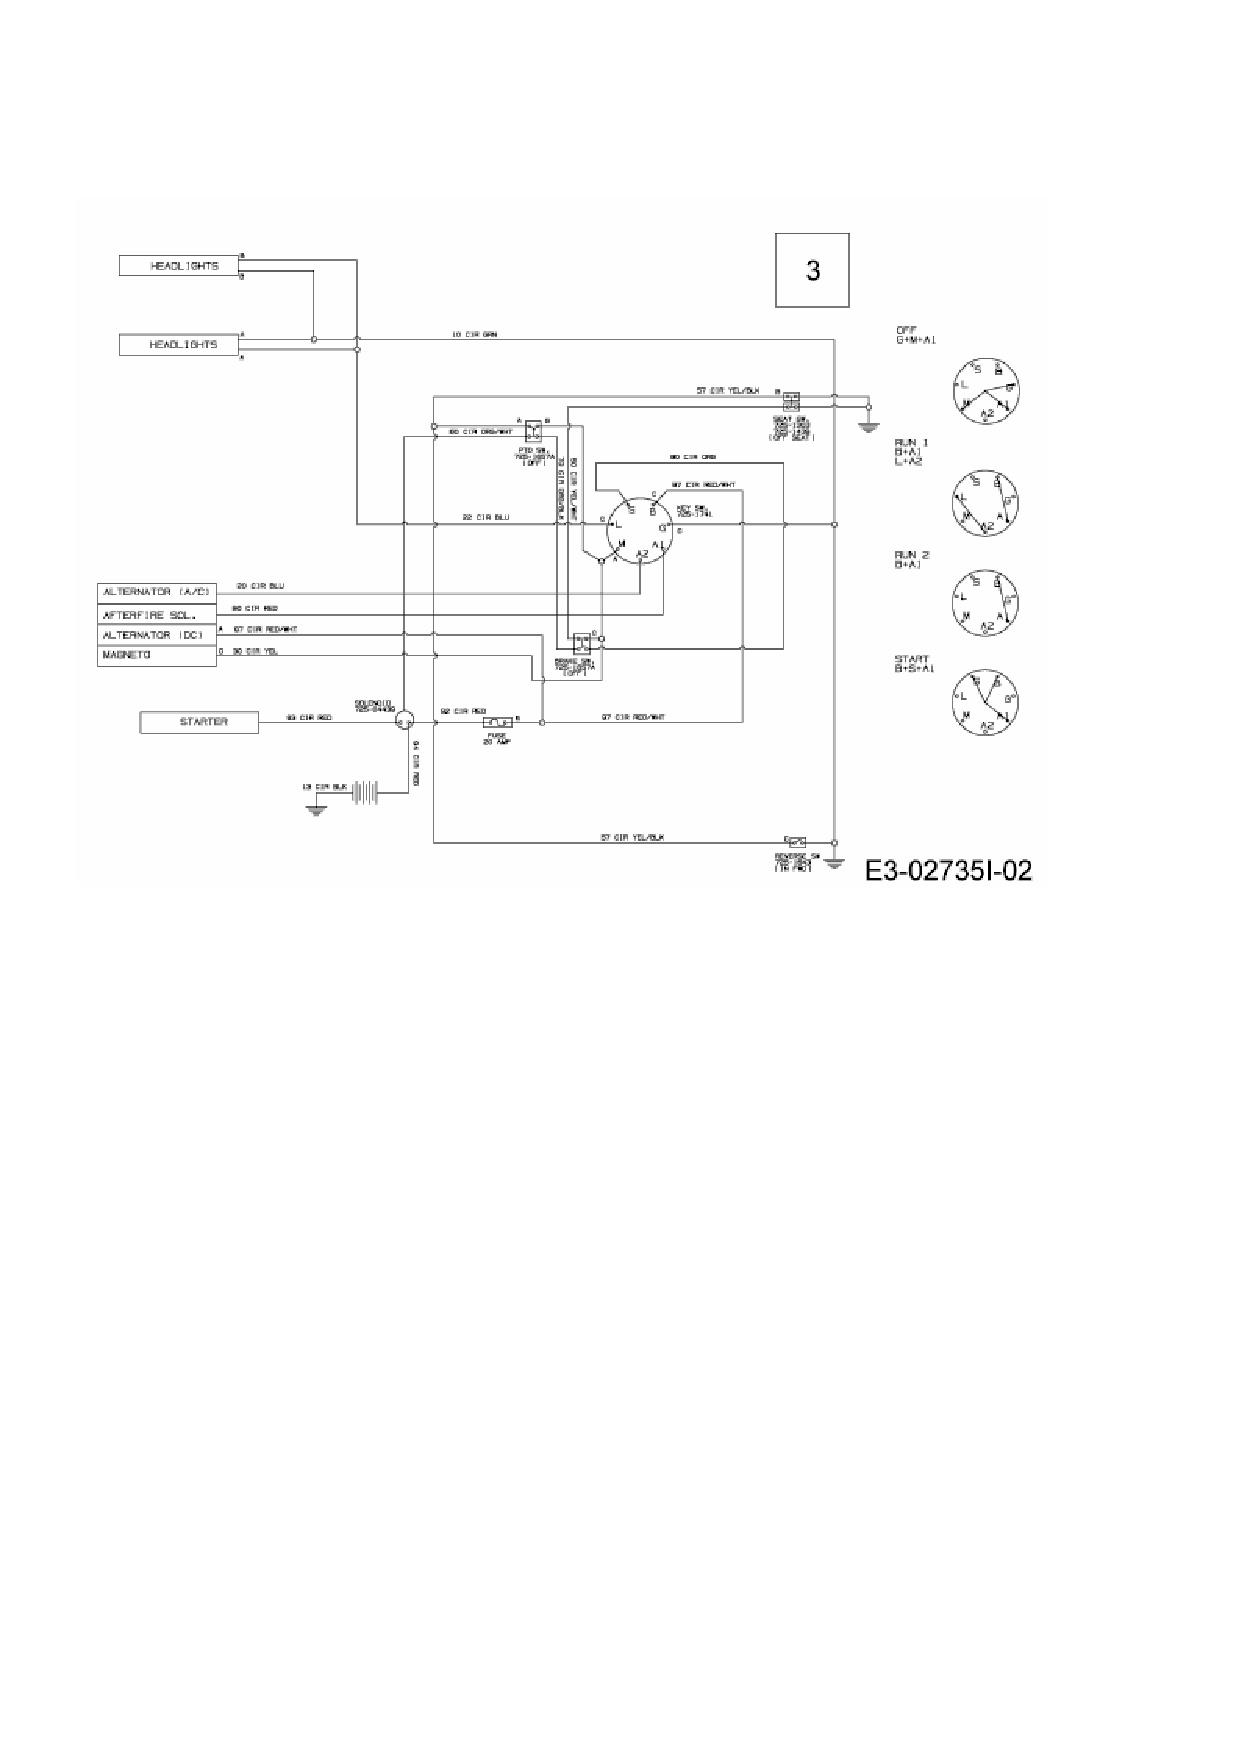 Ersatzteile von Lux Tools Rasentraktor RT 135-96 S aus der Zeichnung